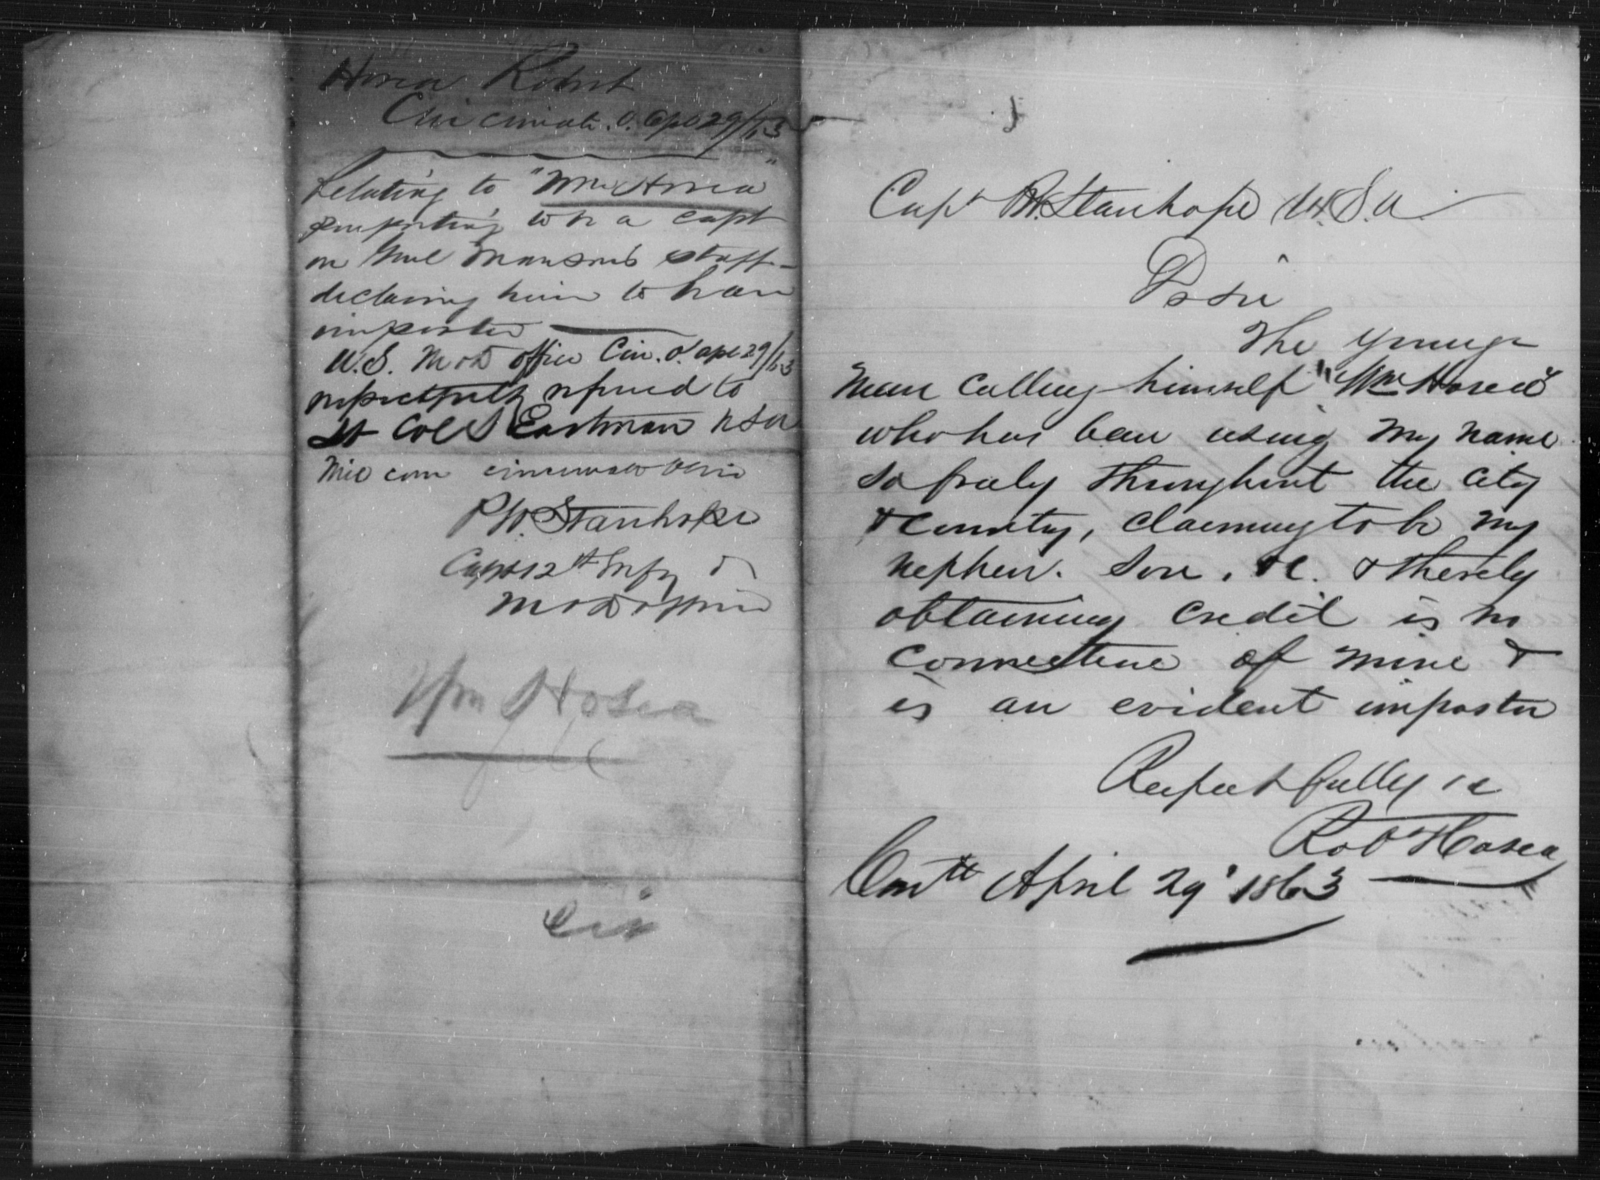 Hosca, Wm - State: [Blank] - Year: 1863